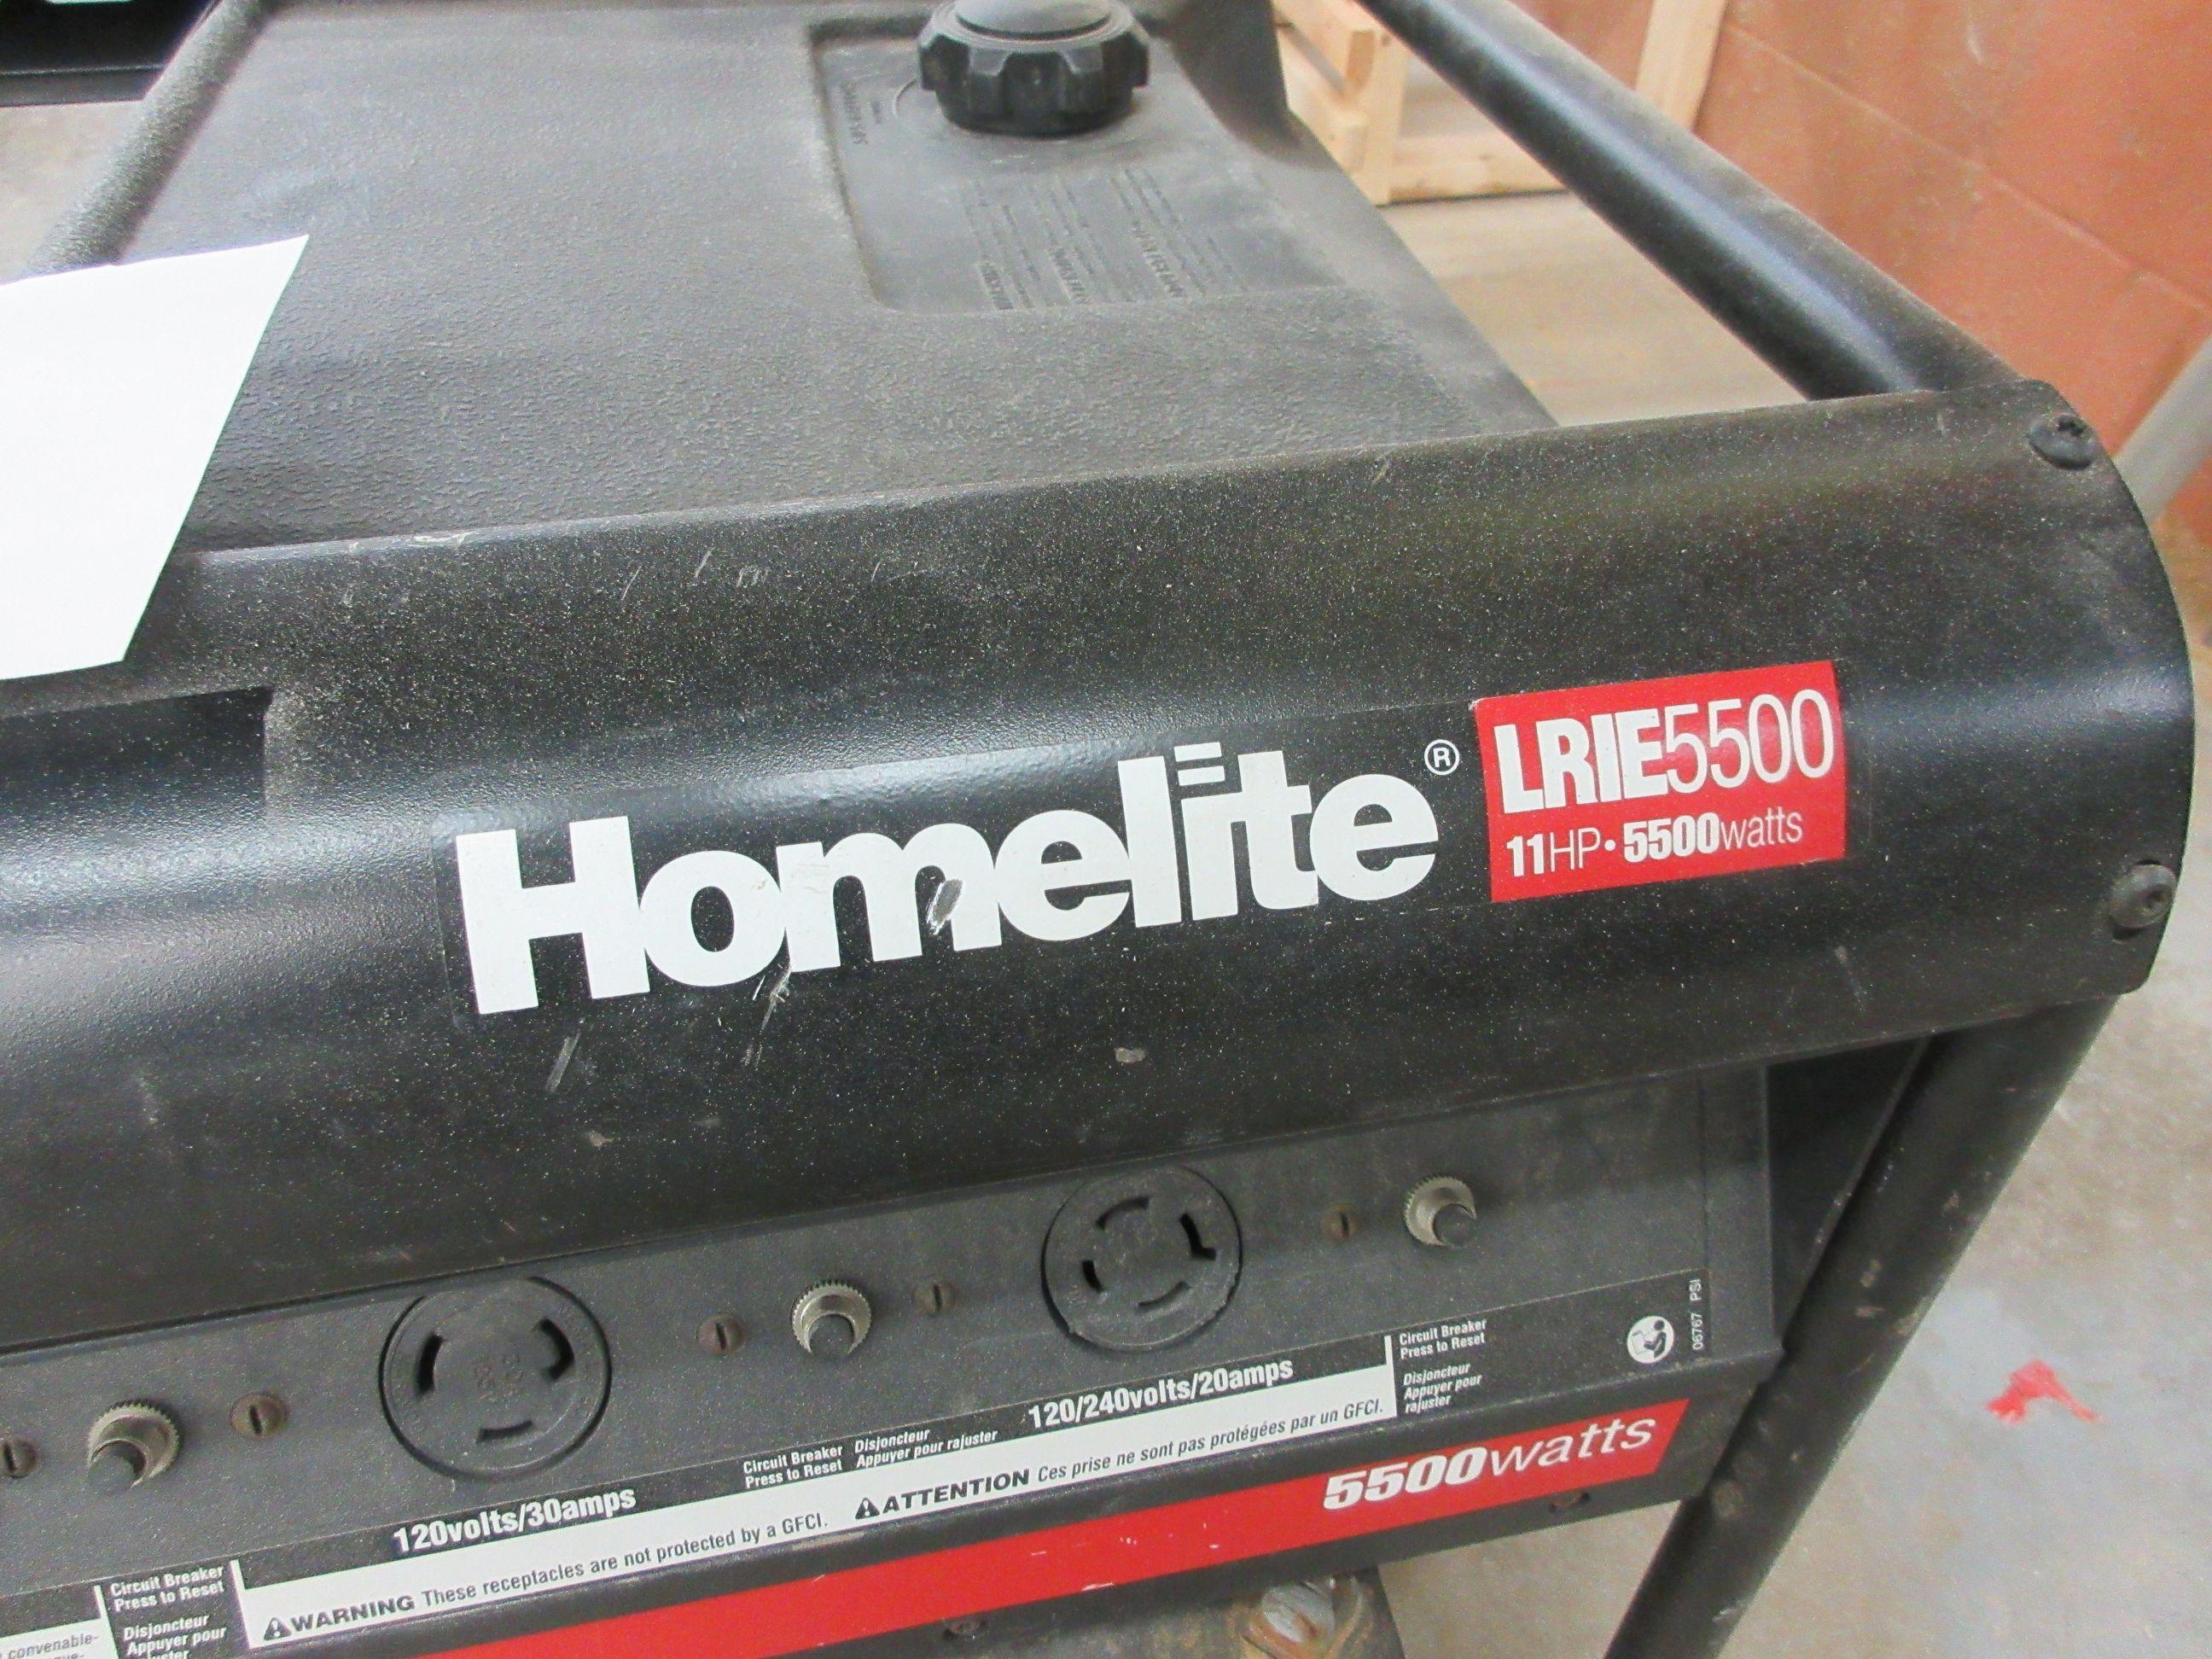 HOMELITE LRIE 5500 generator, 11 HP, 5500 watts - Image 2 of 3